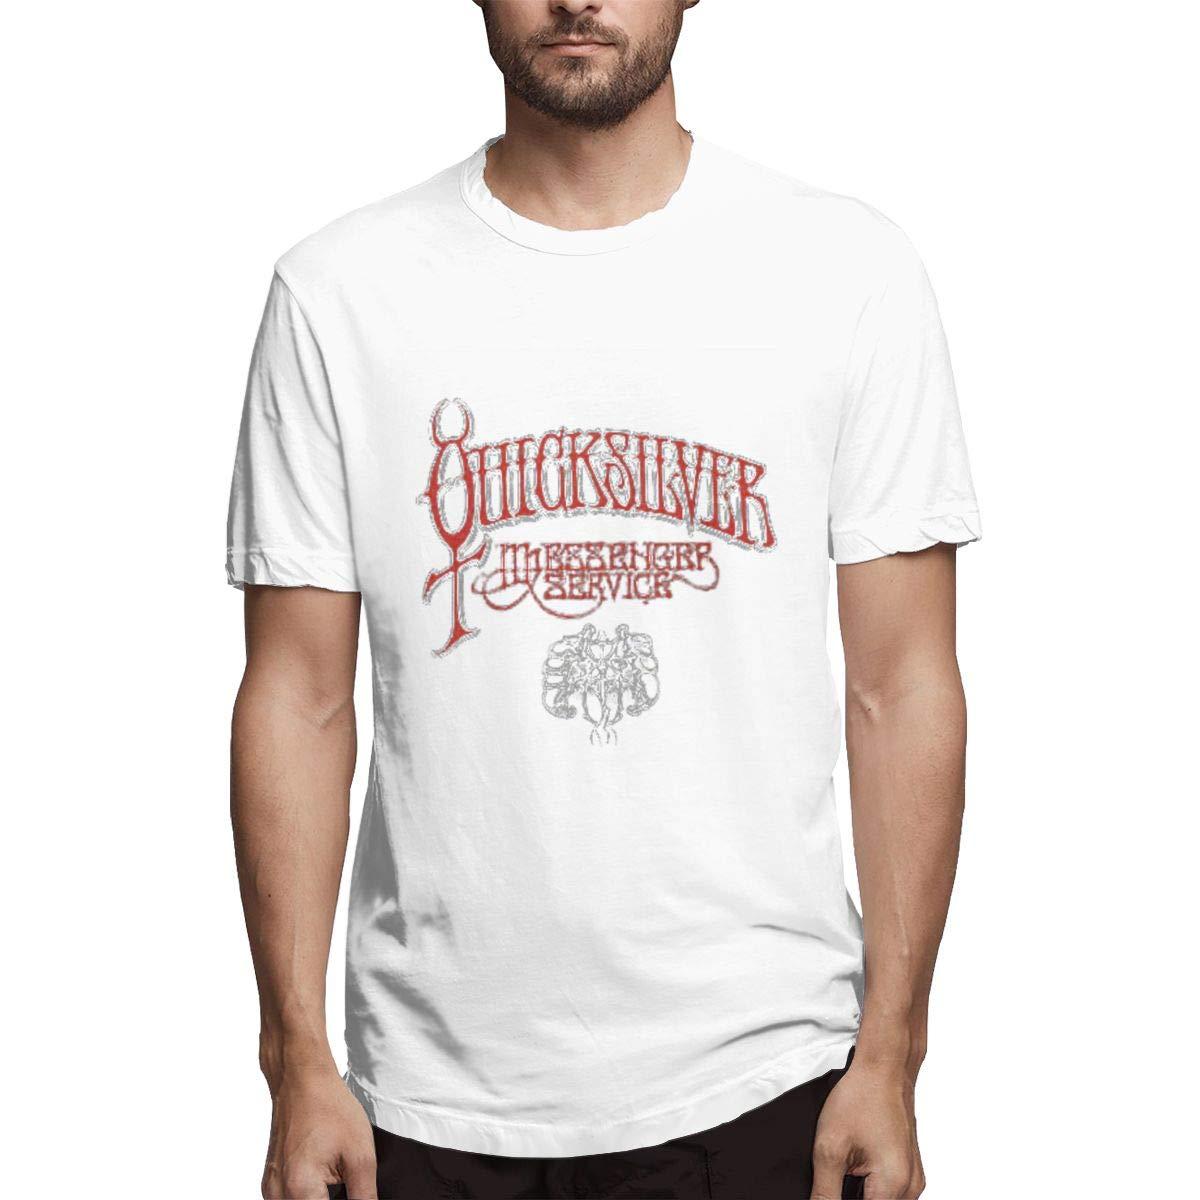 Lihehen Quicksilver Messenger Service Round Neck Ts Shirts